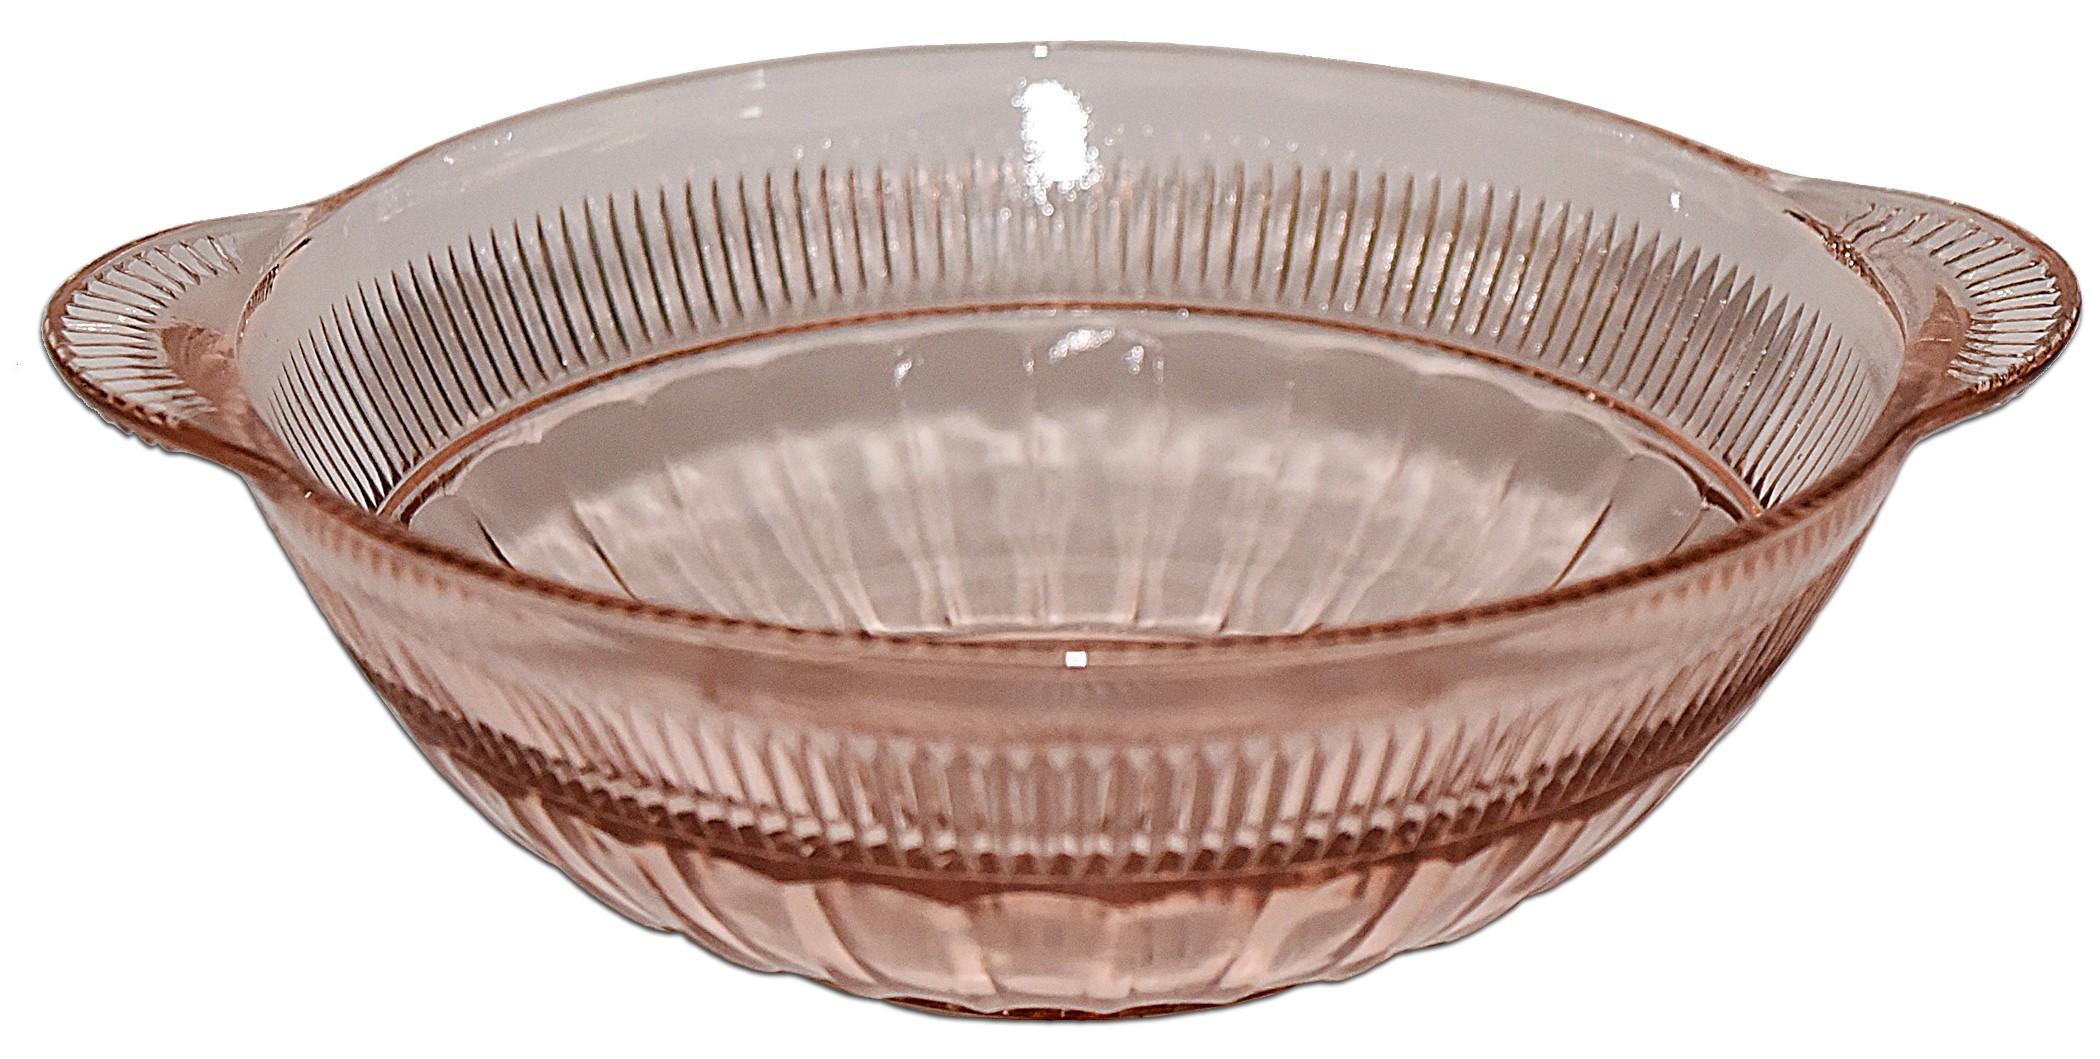 """Hocking Coronation 6 3/4"""" Pink Handled Nappy Bowl"""